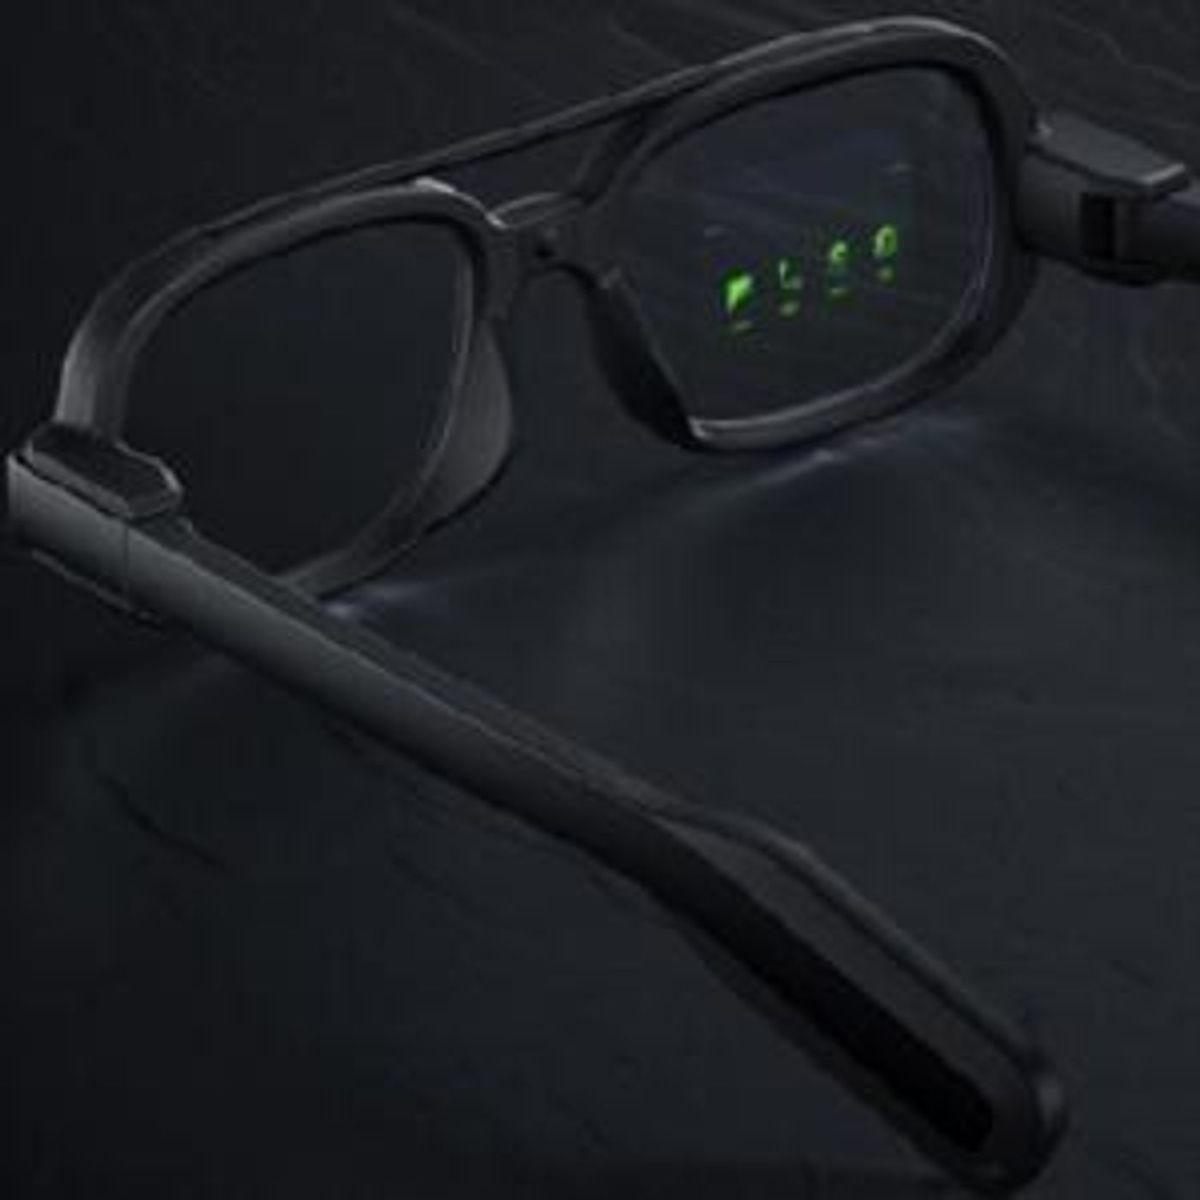 Mexico cumple años, Gearbest cierra y Xiaomi saca unos lentes de perlas